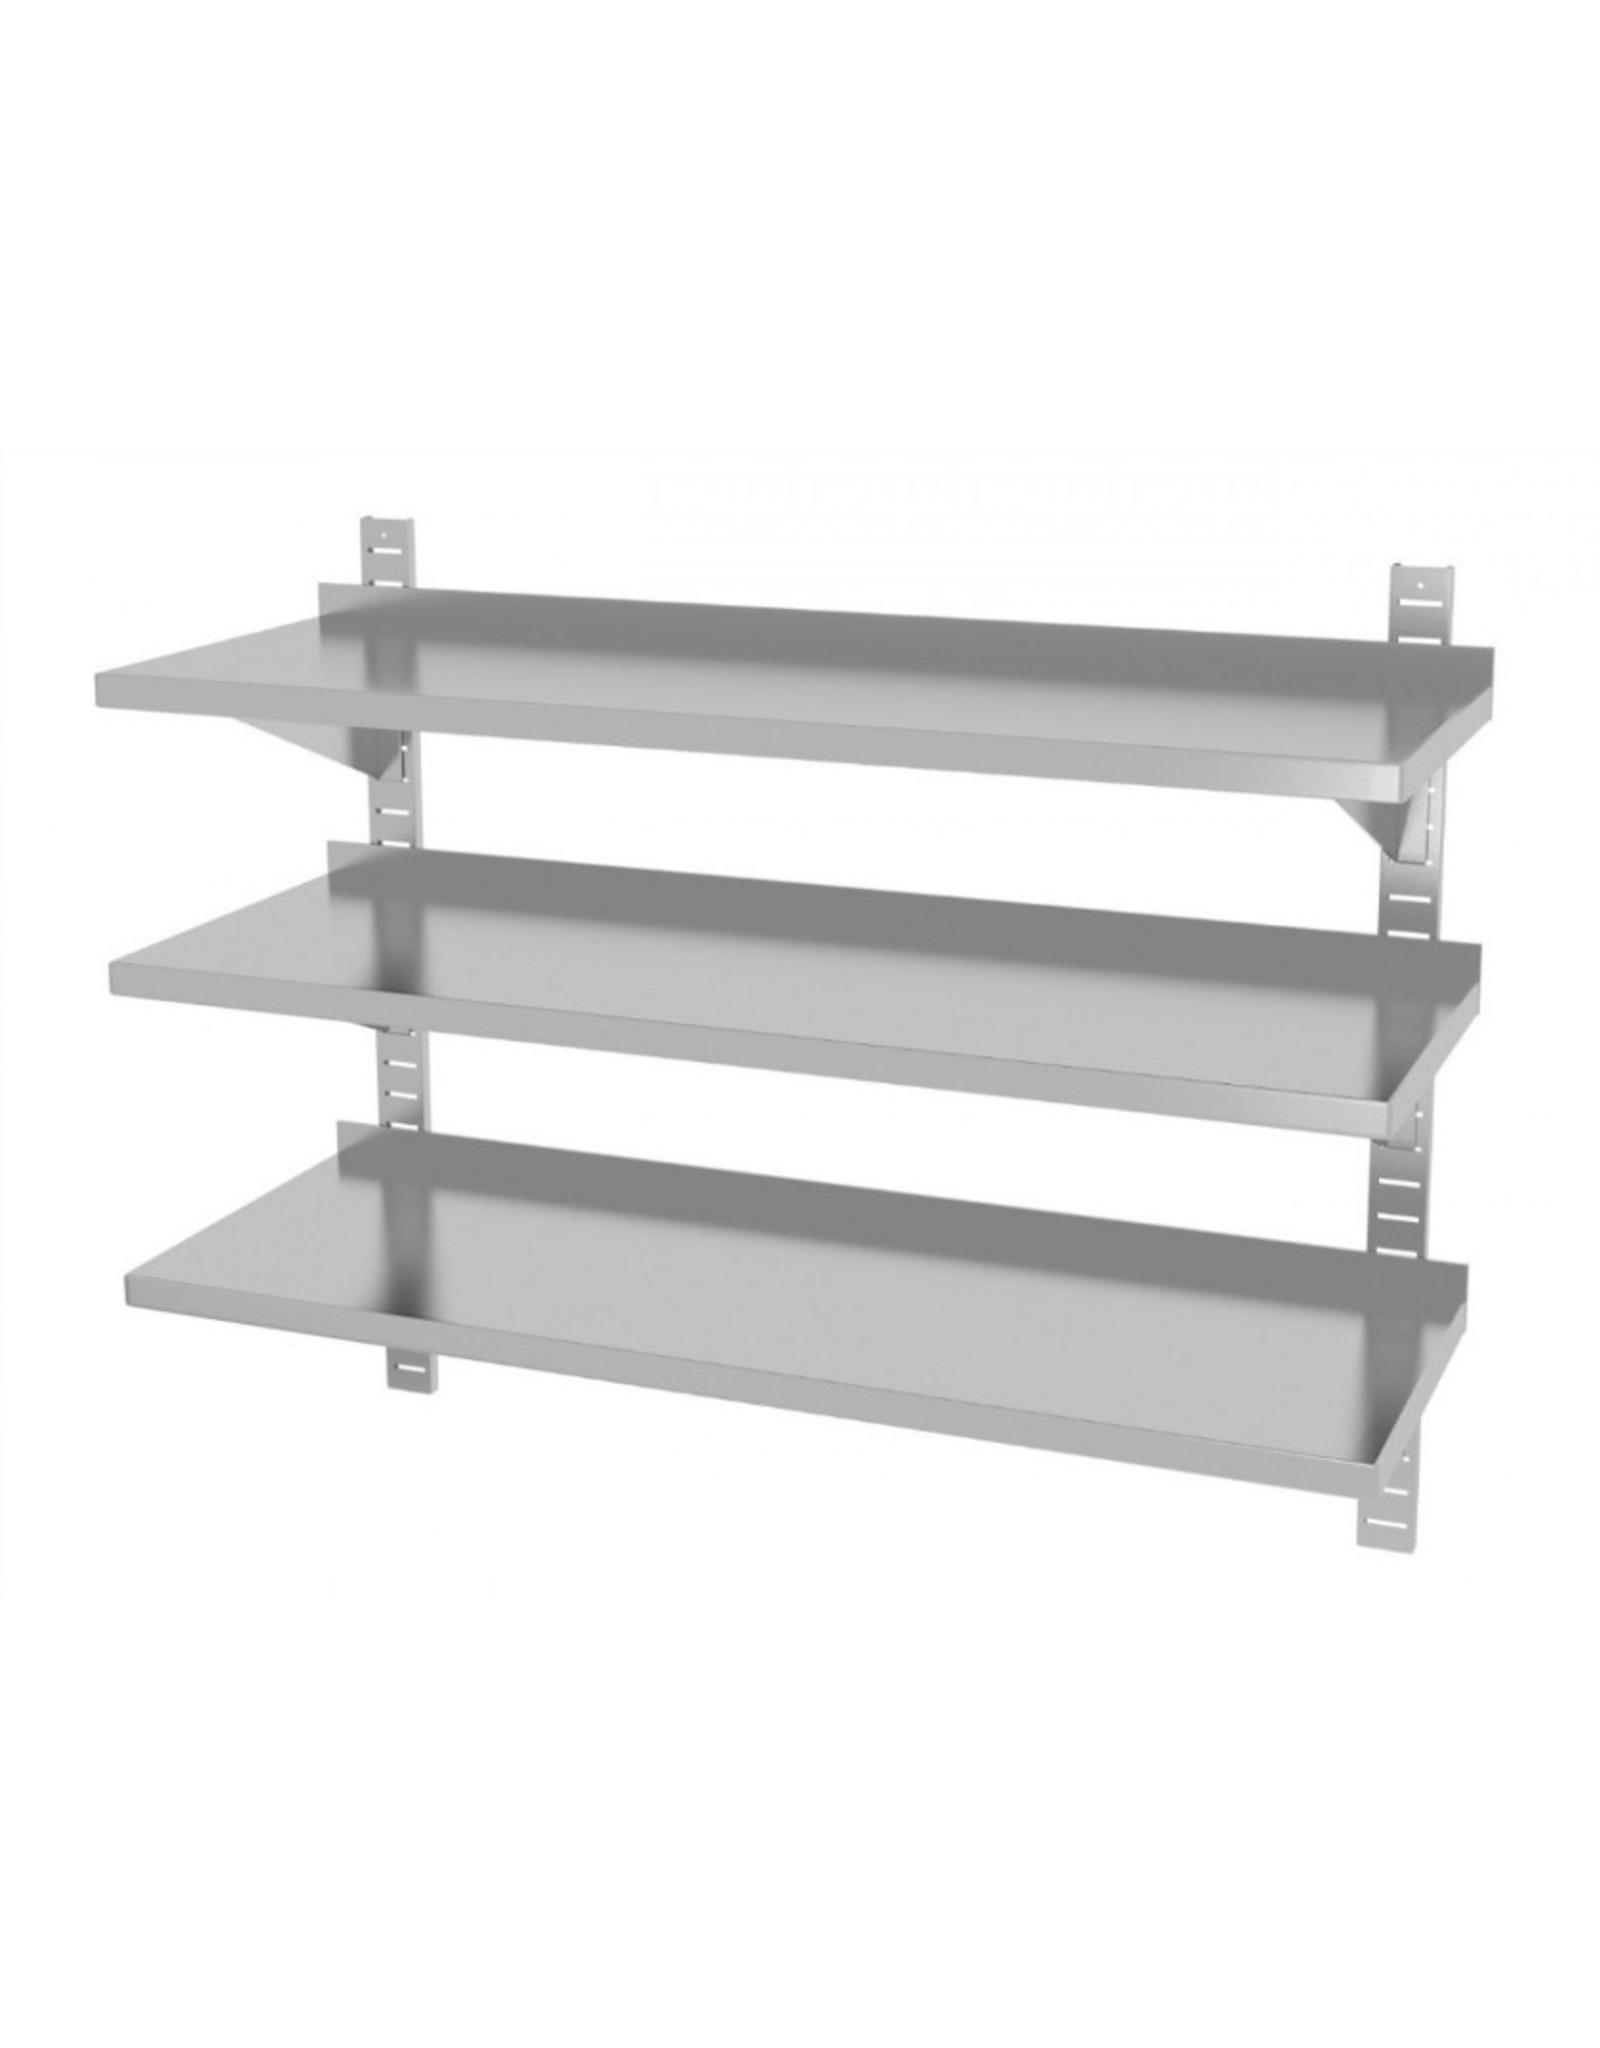 Wandplank | 3 planken | met 2 beugels | 600-1500mm breed | 300 of 400mm diep